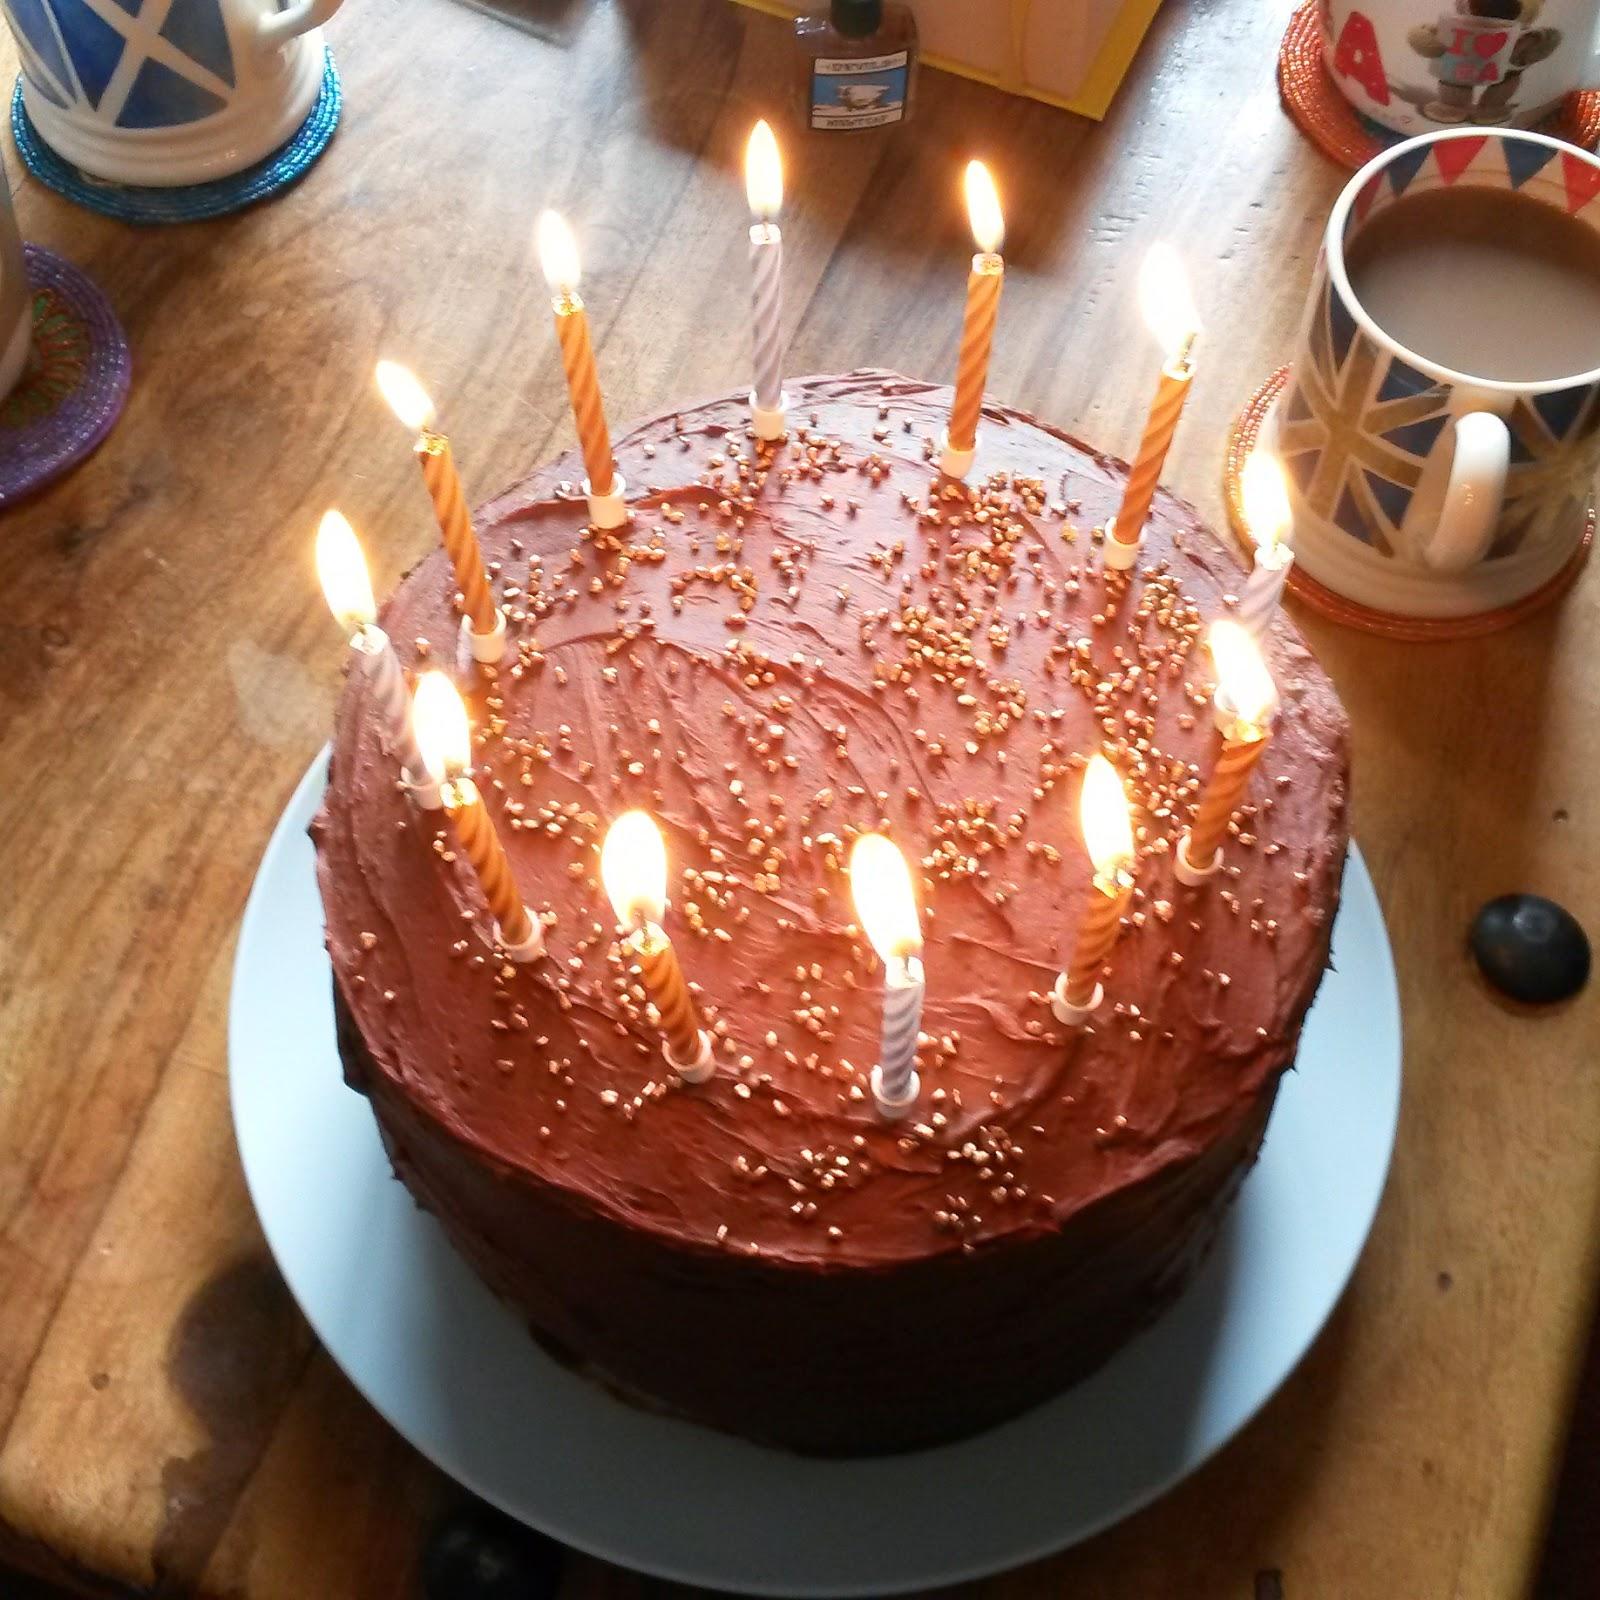 Theoriginalbakebakegirl Monday Ta Da Triple Chocolate Caramel Cake